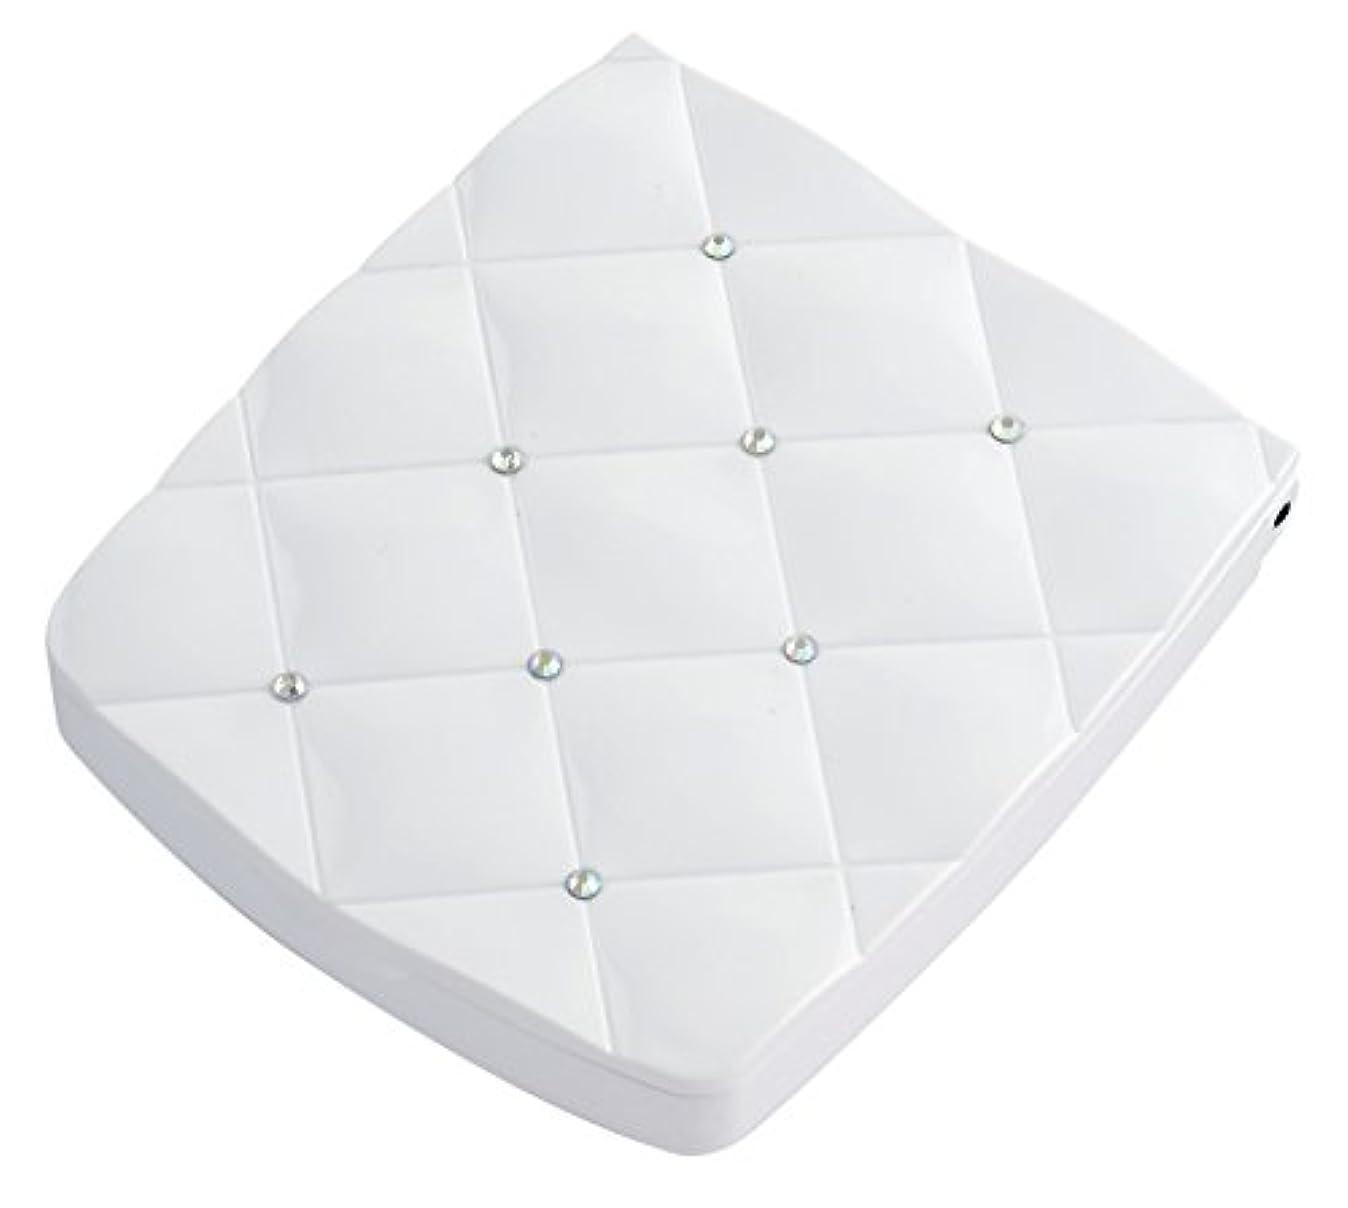 ドレス平衡ミニ貝印 LED付き約5倍拡大鏡 S 白 KQ0335